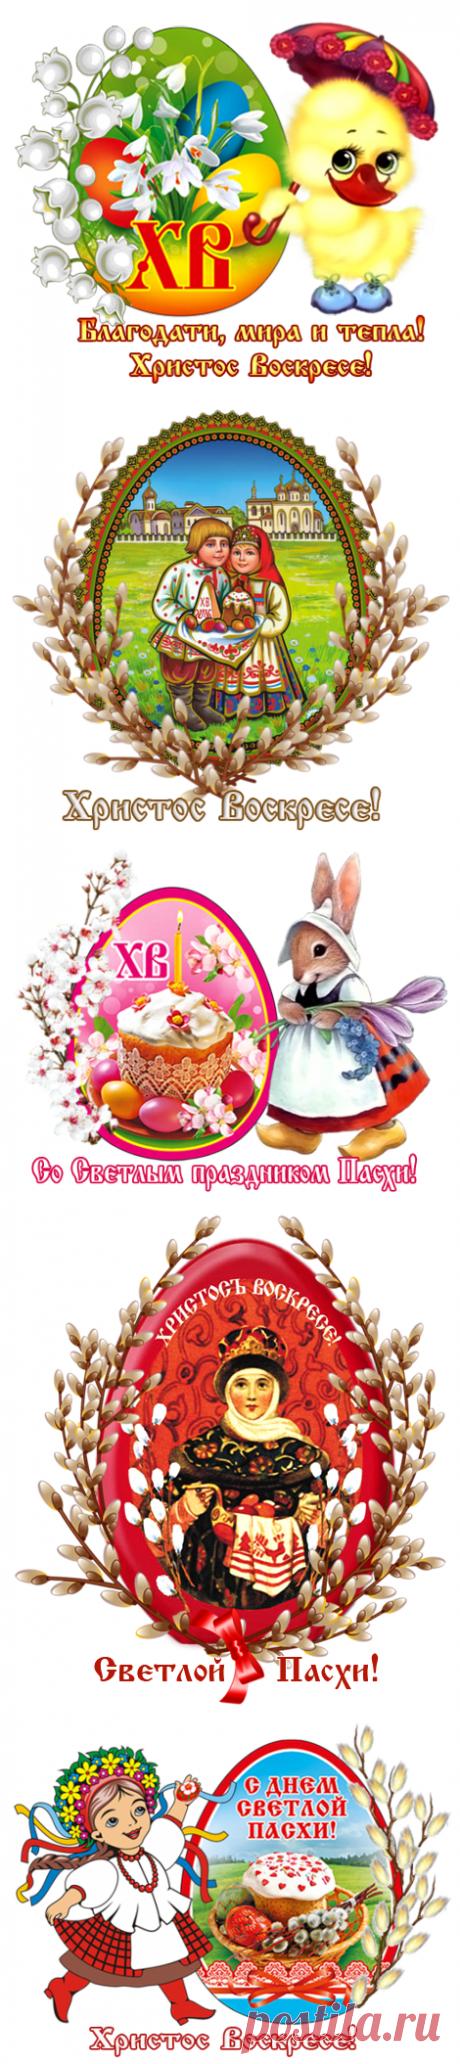 сообщение Логово_Белой_Волчицы : Поздравлялочки к Пасхе (13:51 19-04-2016) [2734493/389089517] - kiyashko_1964@mail.ru - Почта Mail.Ru